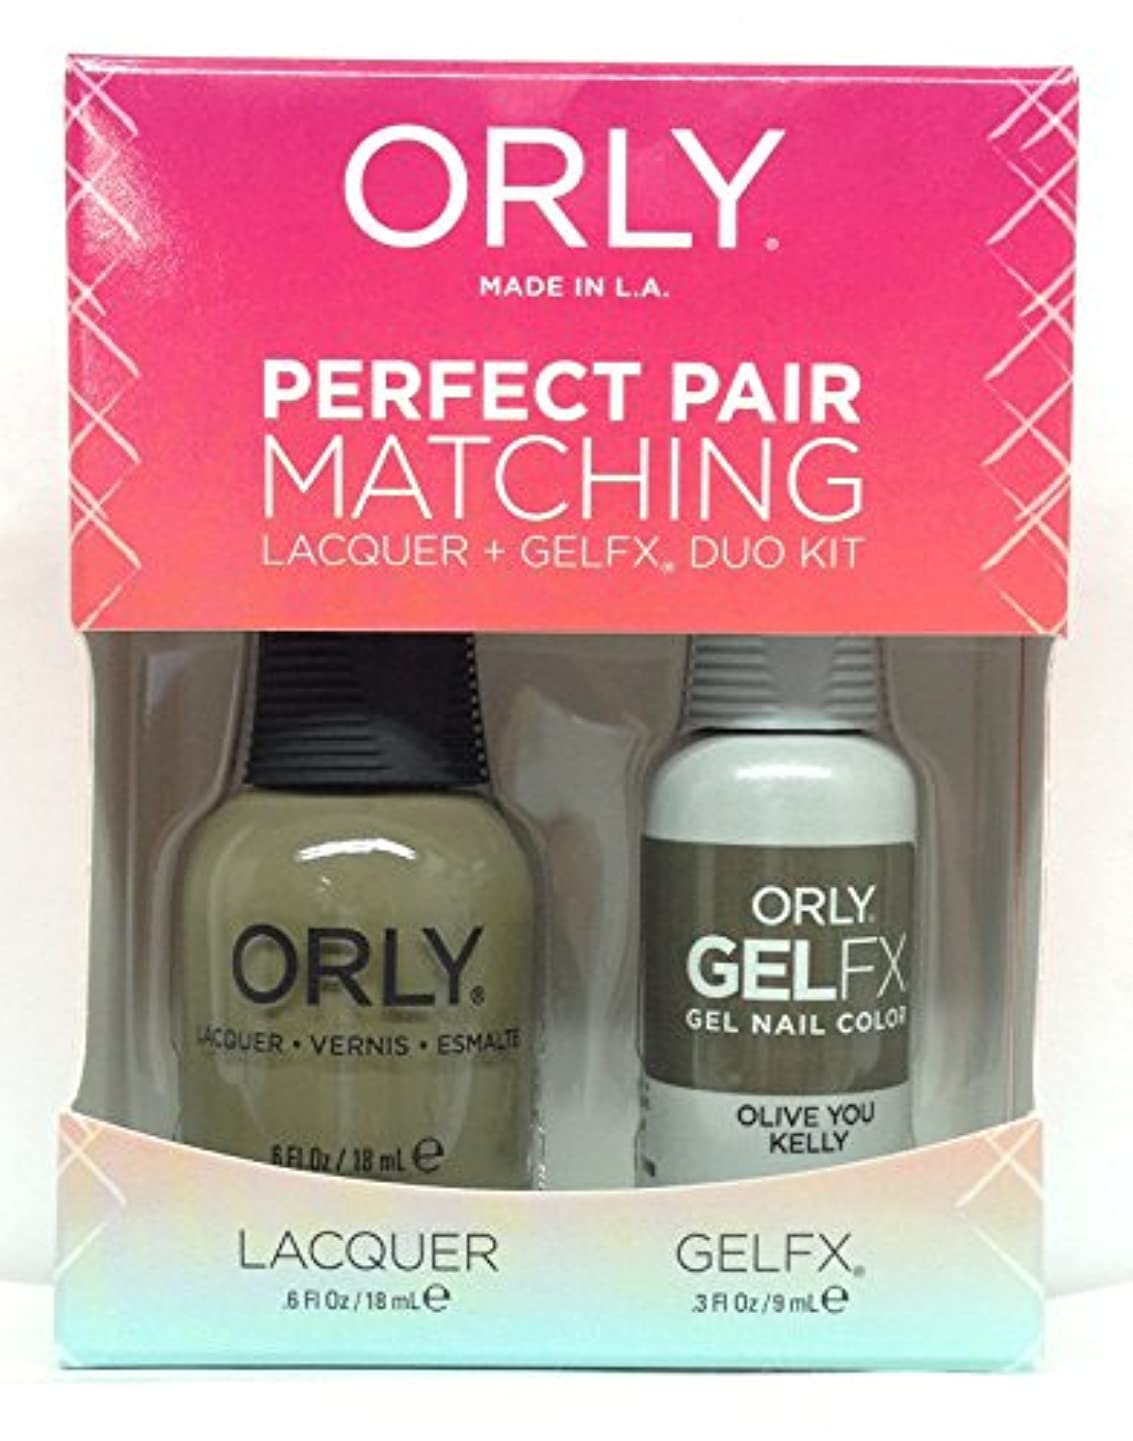 ヘクタール懺悔マナーOrly - Perfect Pair Matching Lacquer + GelFX Kit - Olive You Kelly - 0.6 oz / 0.3 oz